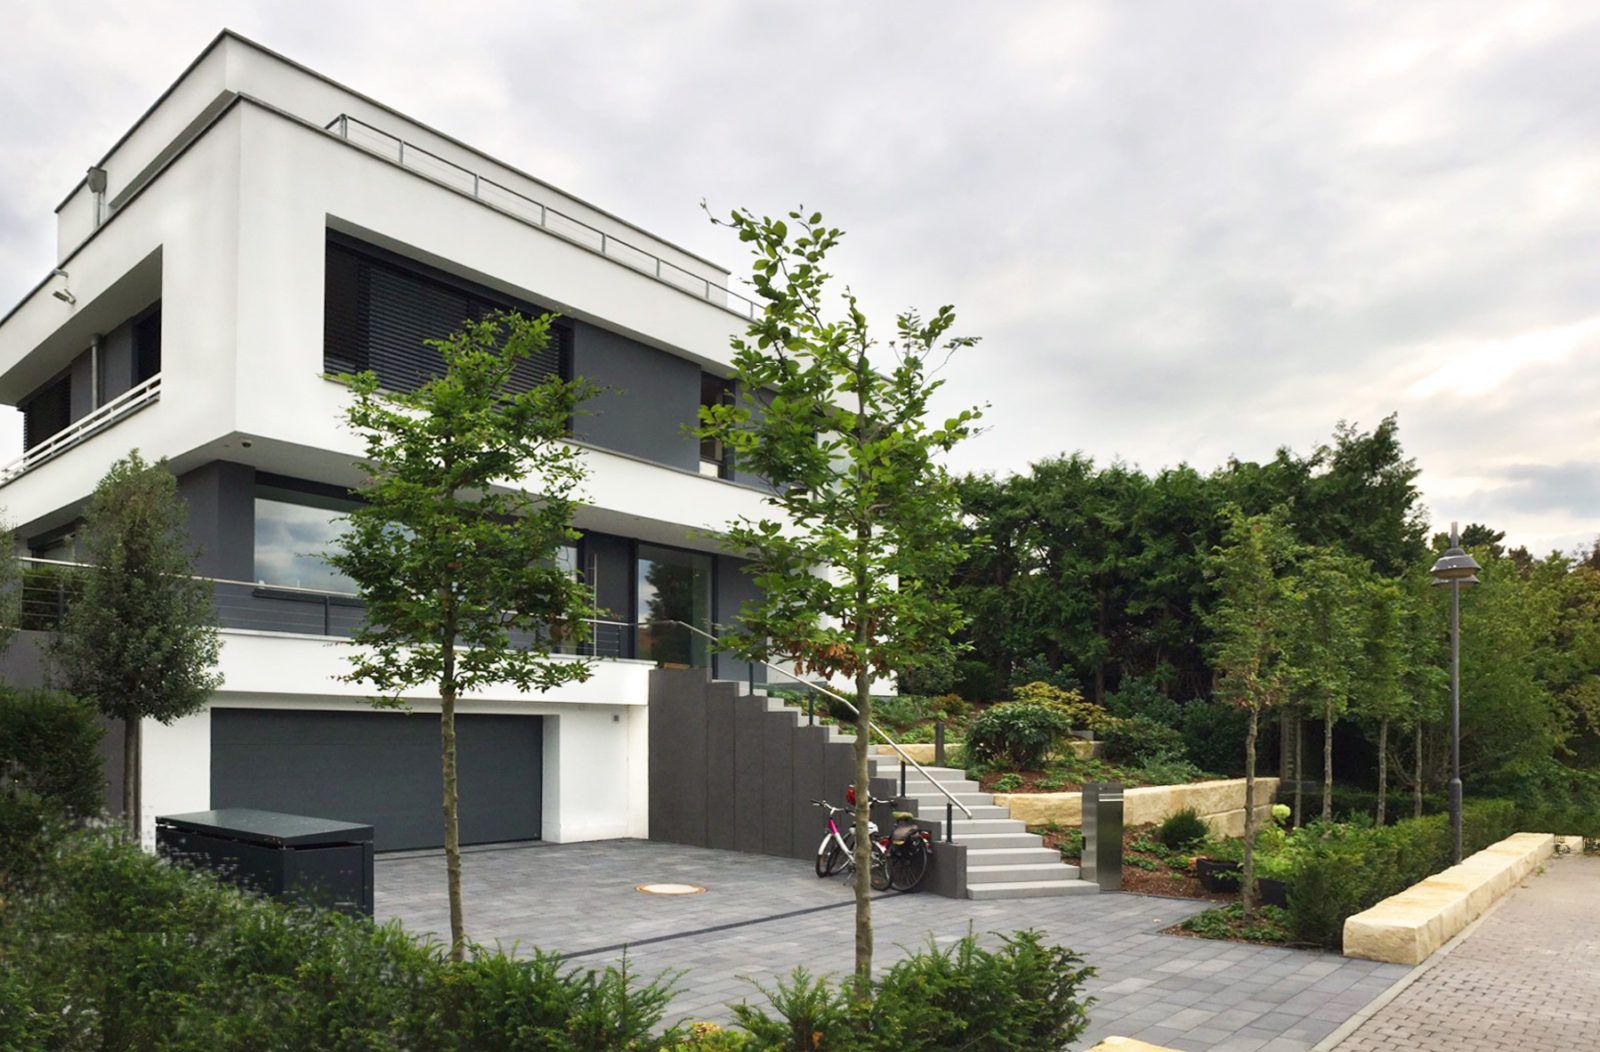 Ein Modernes Einfamilienhaus Piqza.de